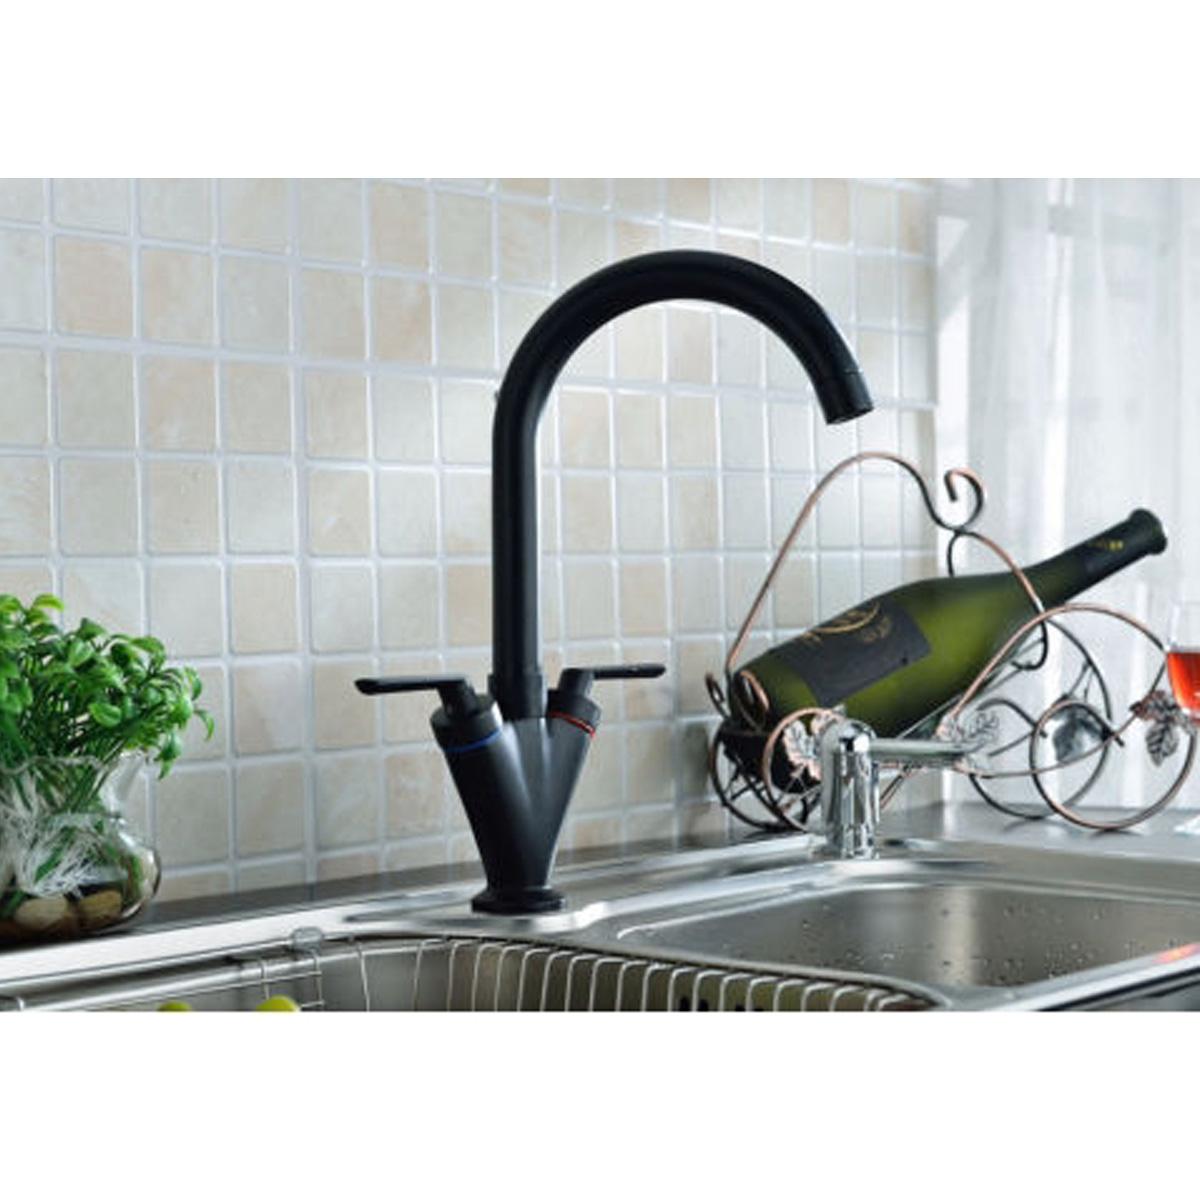 wasserhahn k chenarmatur waschbecken einhebel armatur schwarz wasserfall design ebay. Black Bedroom Furniture Sets. Home Design Ideas